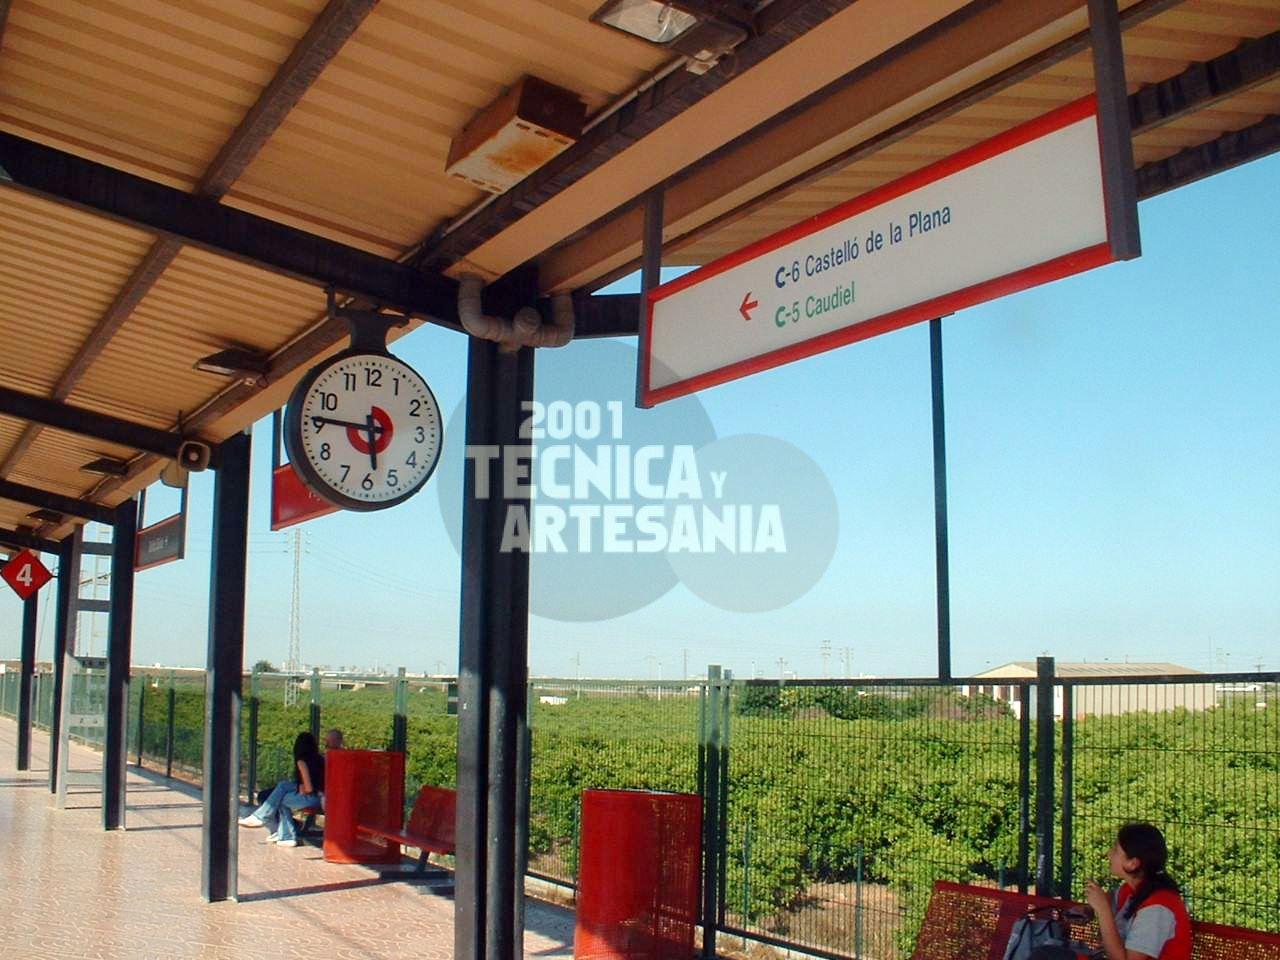 Relojes de estación en Valencia